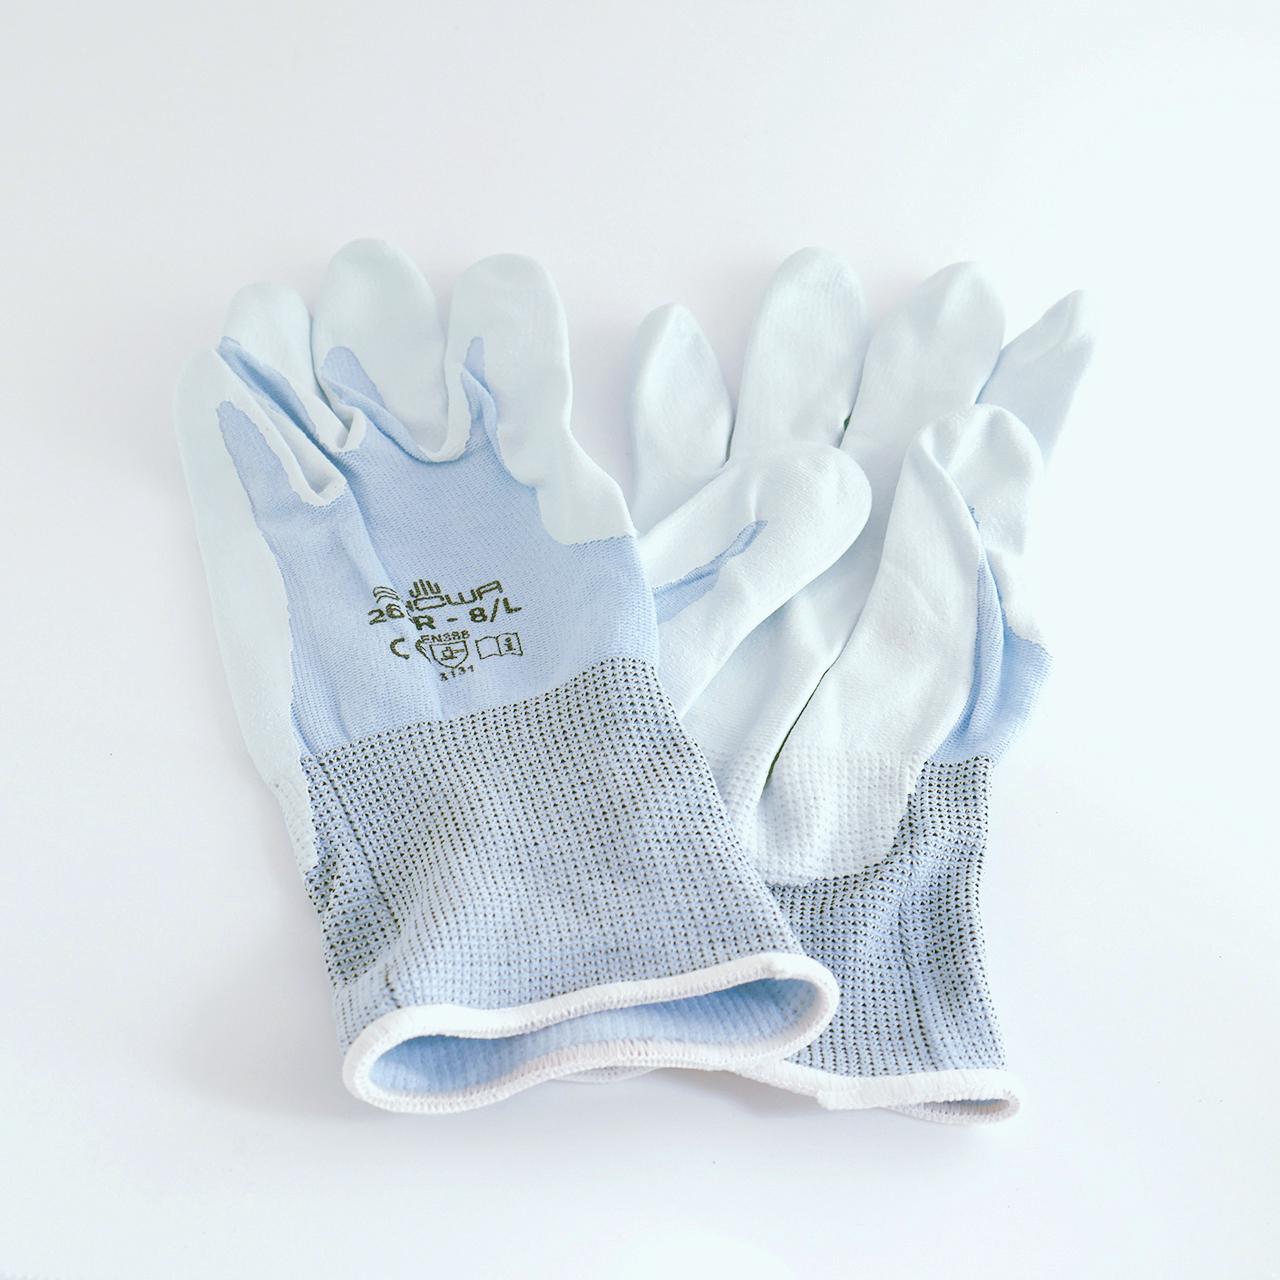 Schutzhandschuhe für Glas G 6/S